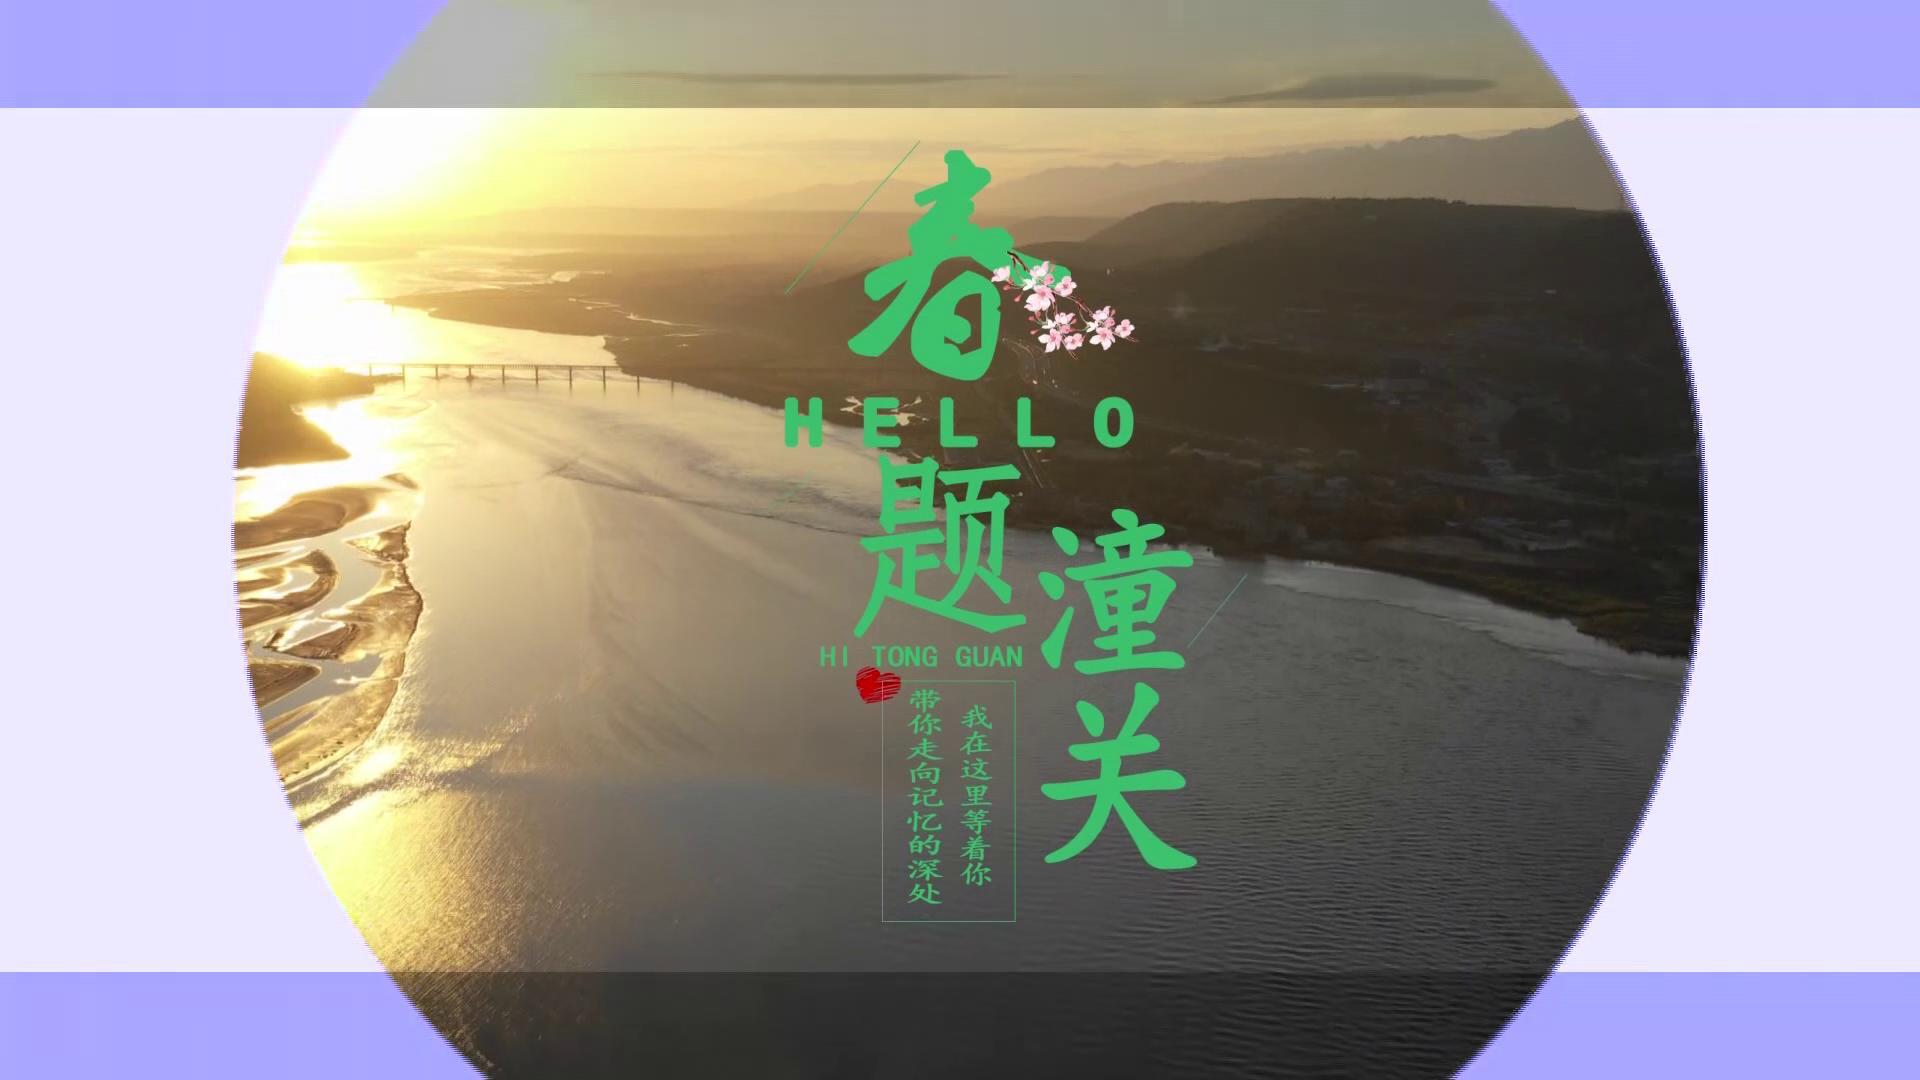 潼关县委宣传部:春题潼关